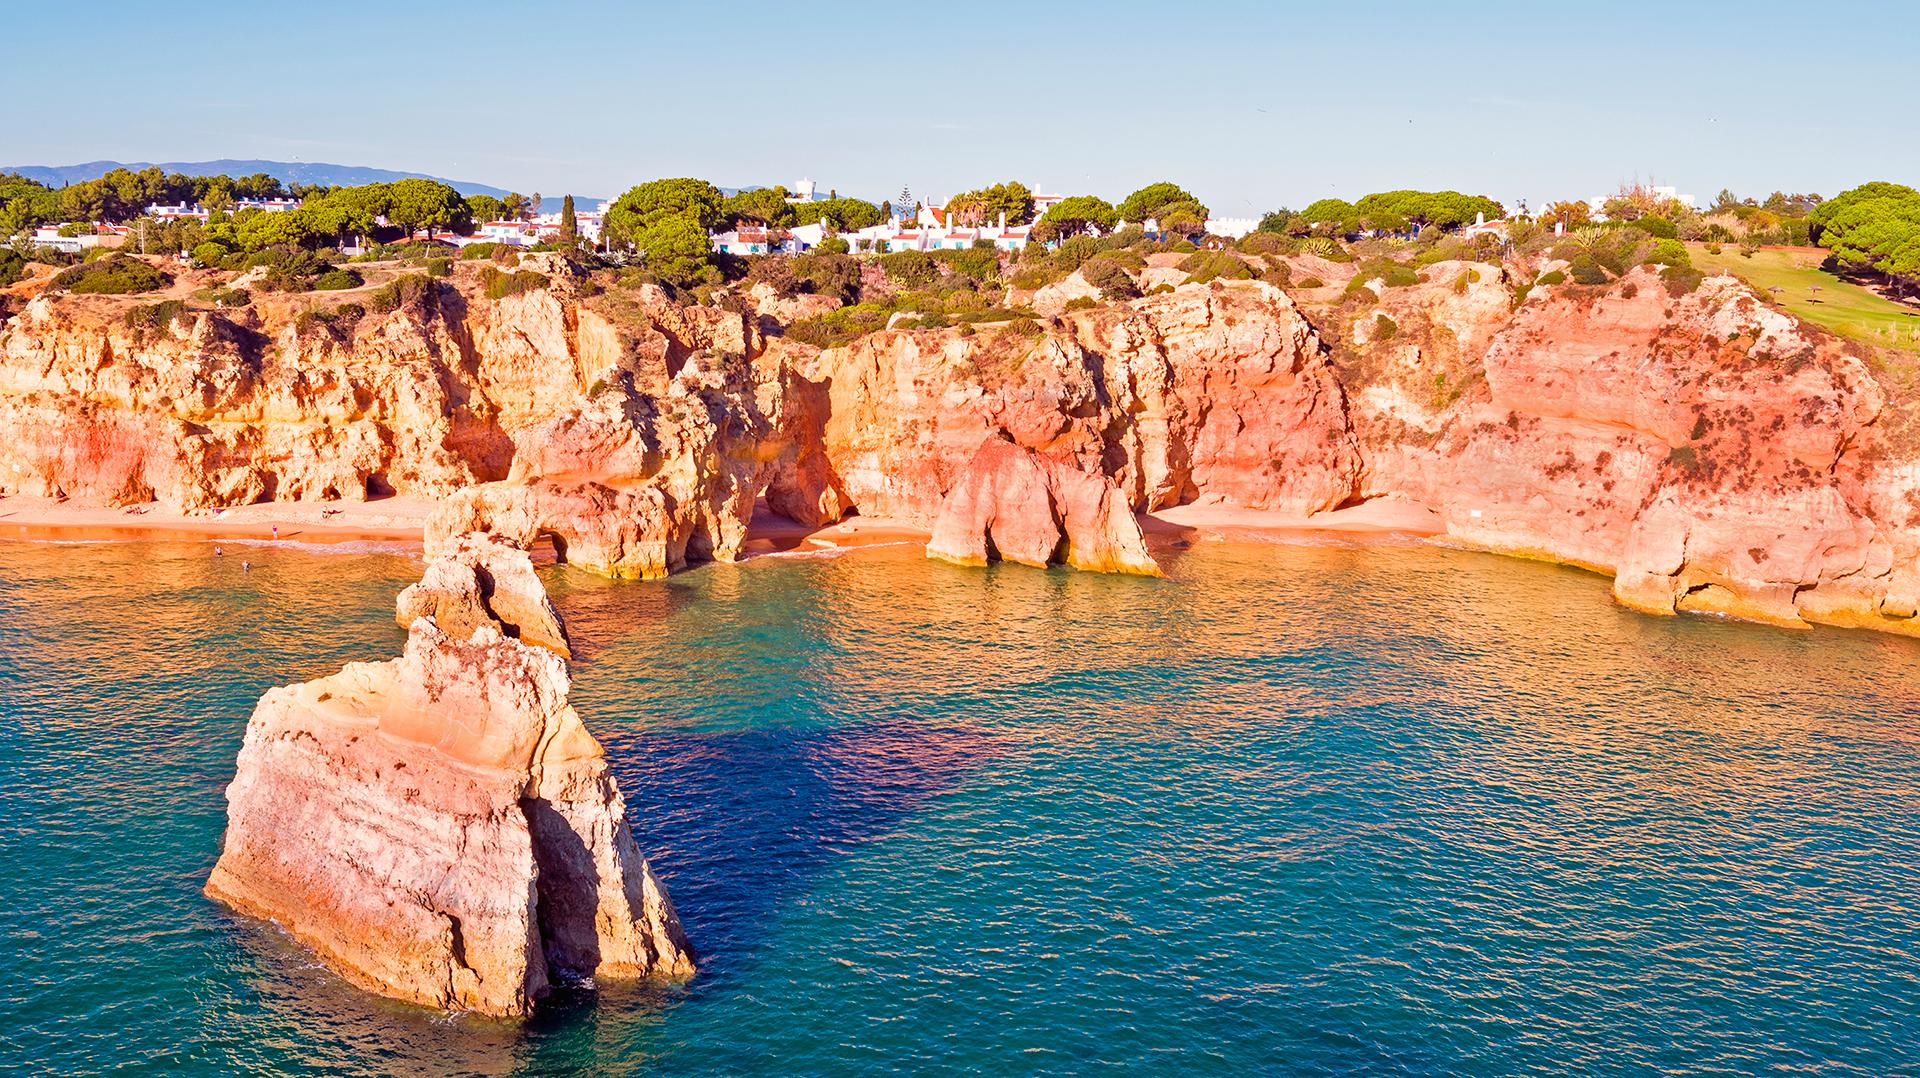 Alvor es un municipio pesquero turístico situado en el Algarve, la región más meridional de Portugal. La ciudad está situada en las riberas del Estuario de Alvor, con vistas a las marismas protegidas de la Reserva Natural de la Ria de Alvor, mientras que al sur se encuentra la Praia do Alvor, una de las mayores playas de arena del Algarve